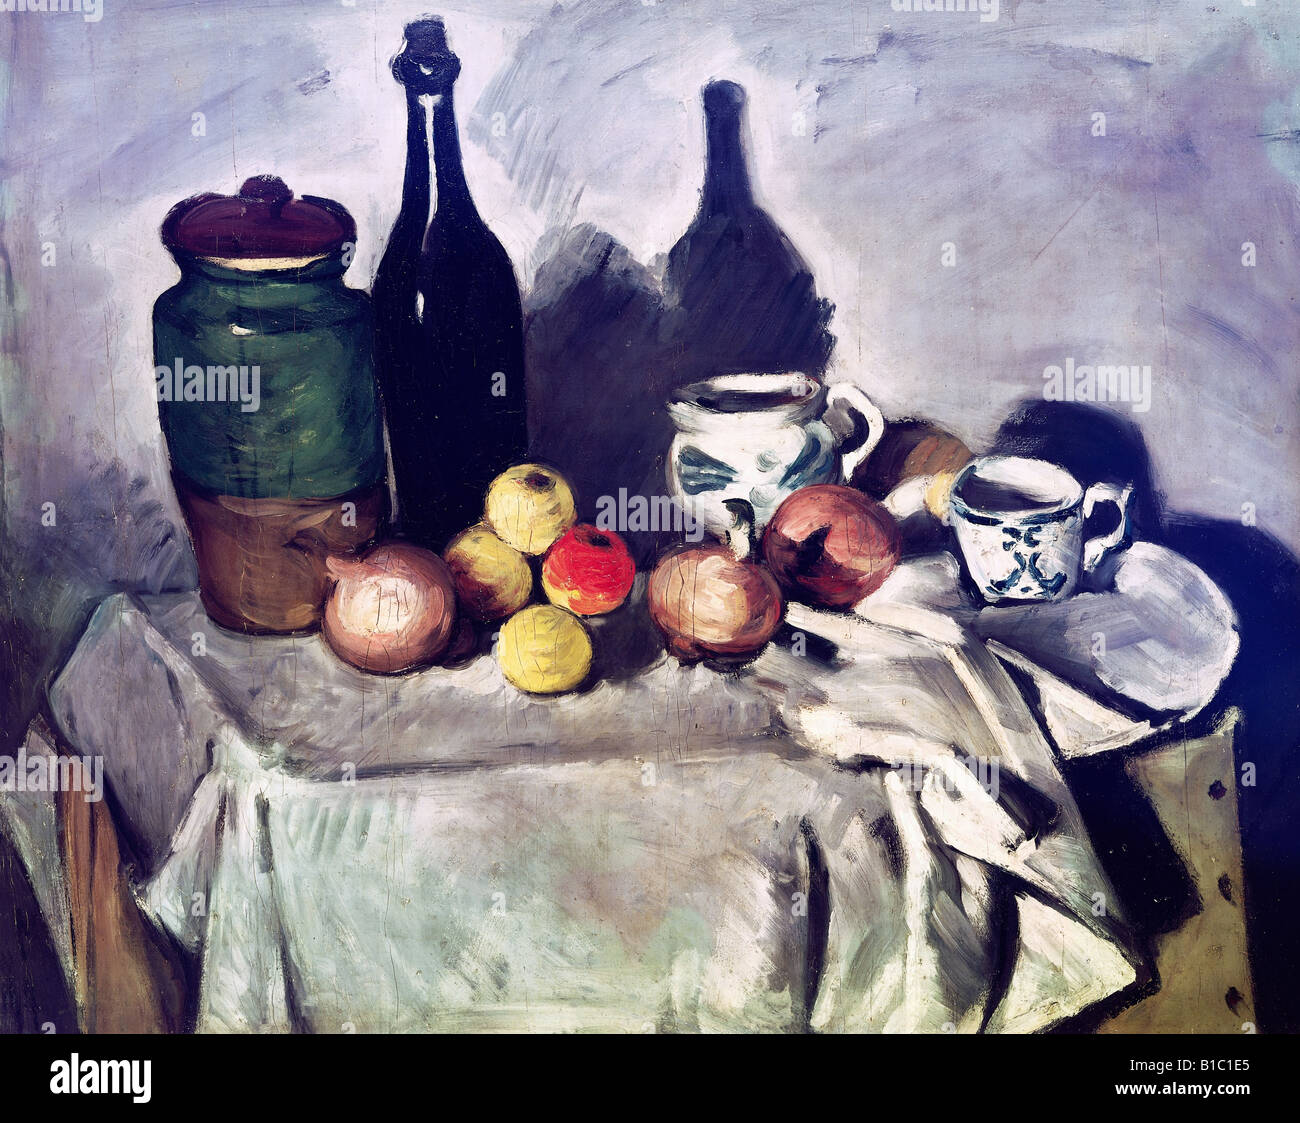 """Bildende Kunst, Cezanne, Paul, (19.1.1893 - 22.10.1906), Malerei, """"Stillleben mit Früchten und Speisen"""", um 1869 Stockfoto"""